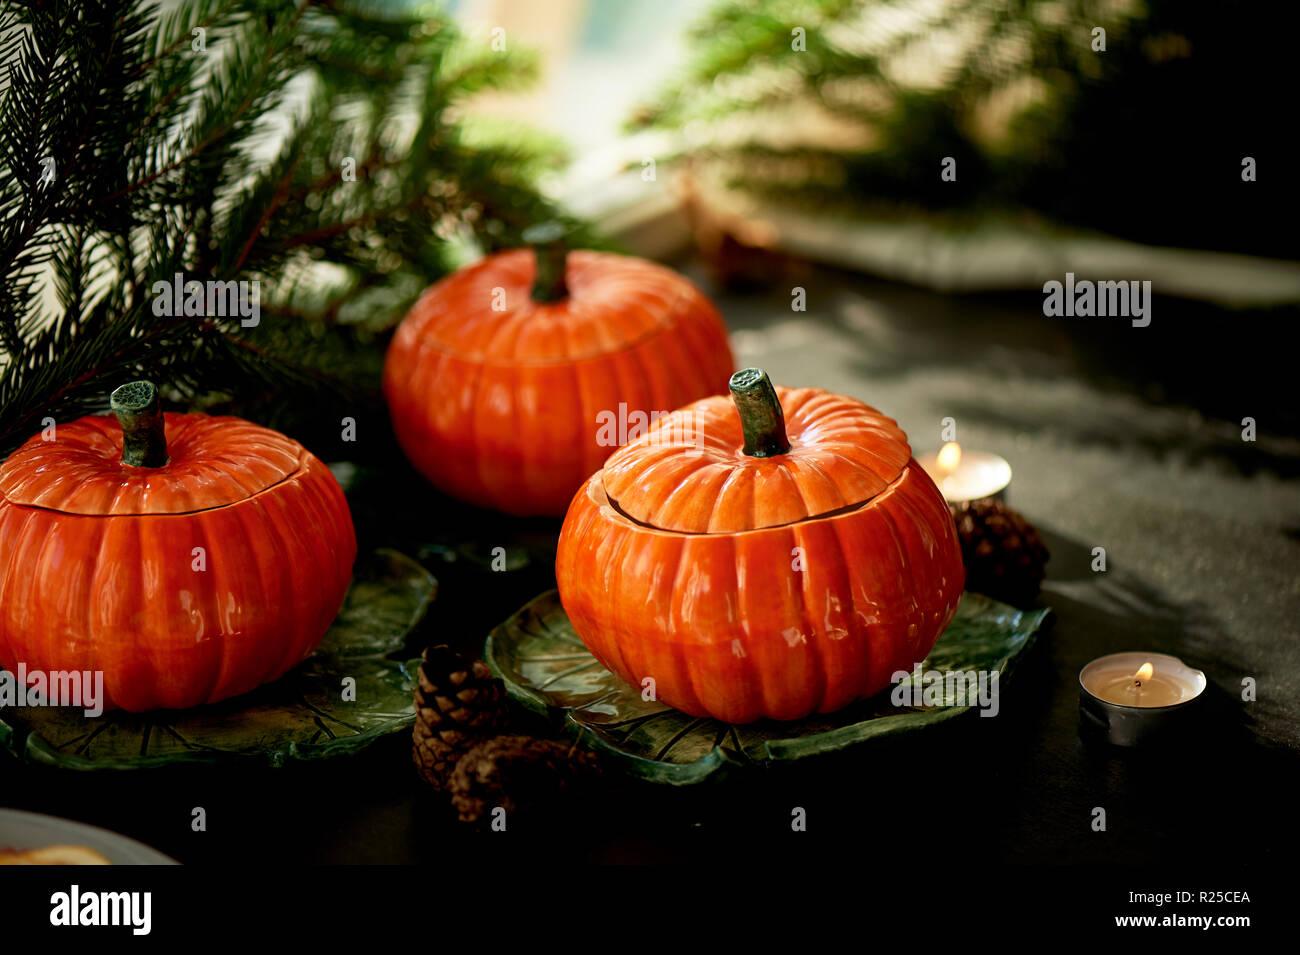 Handgefertigte Keramik in Form von kürbisse. Weihnachten Pfoten. Die Atmosphäre der Feier und Wohnkomfort. Fröhliches orange Töpfe auf dem Herd und Braten. Stockbild